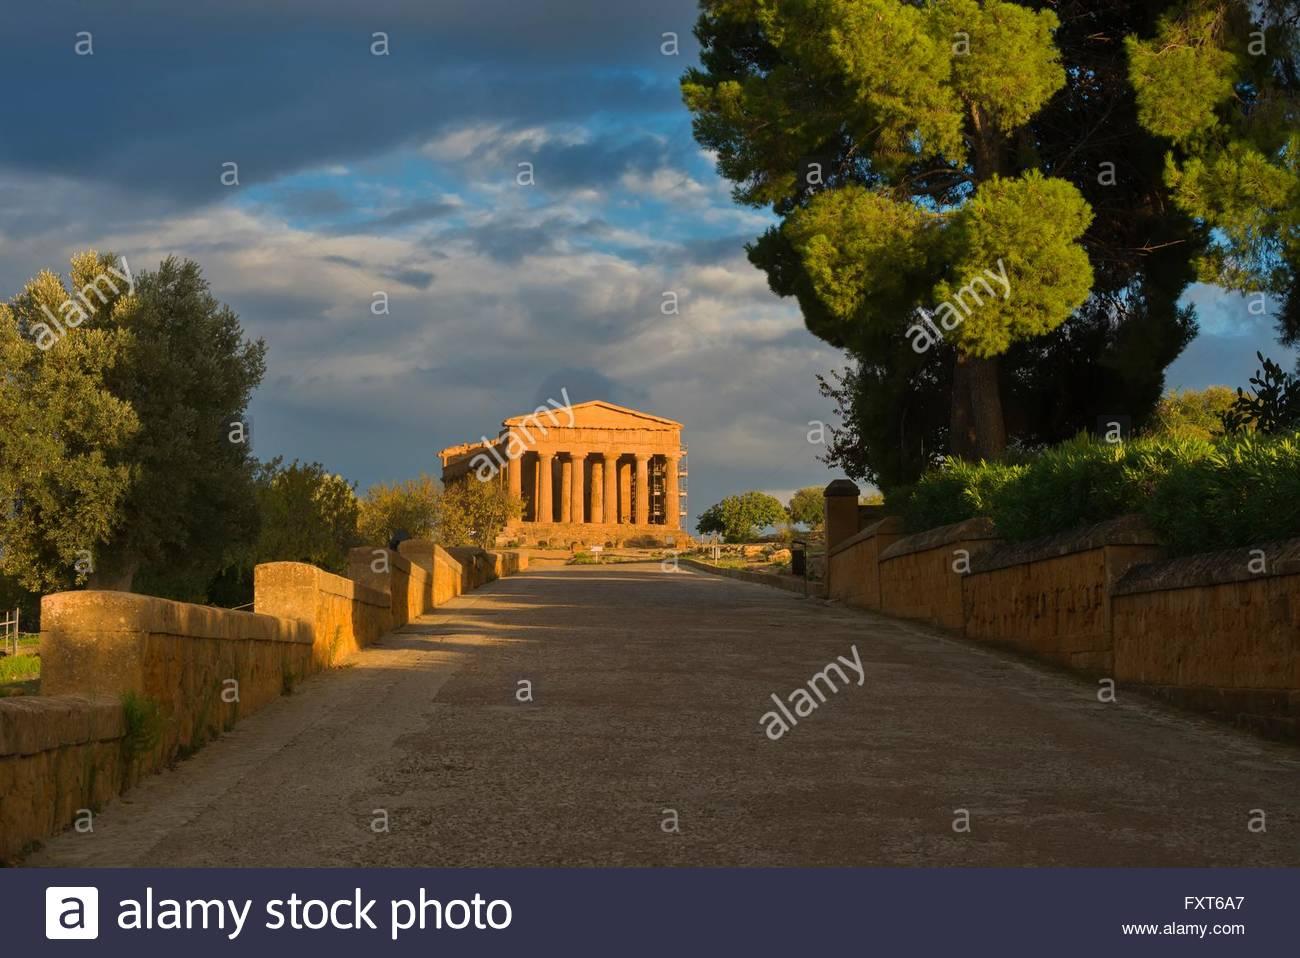 La passerella e il Tempio della Concordia e Valle dei Templi, Agrigento, Sicilia, Italia Immagini Stock